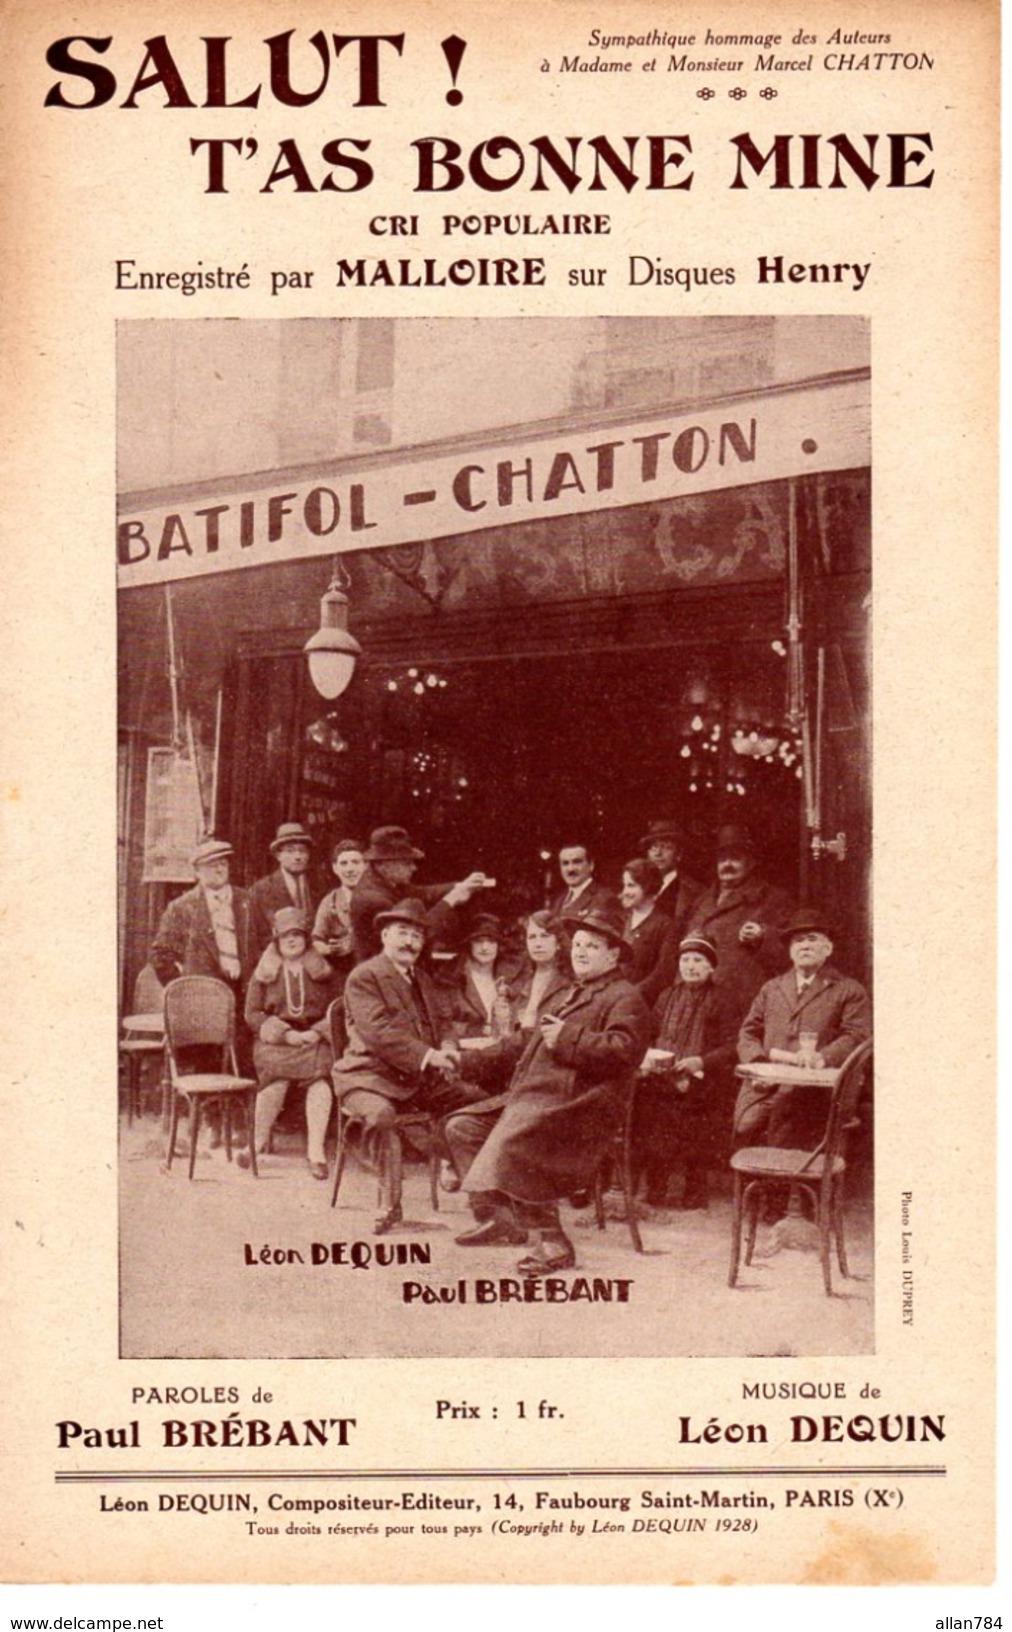 RARE - 1928 - PARIS 3è - RUE DU VERTBOIS - PARTITION ILLUSTREE PAR CAFE BATIFOL CHATTON - VOIR DESCRIPTION - EXC ETAT - - Autres